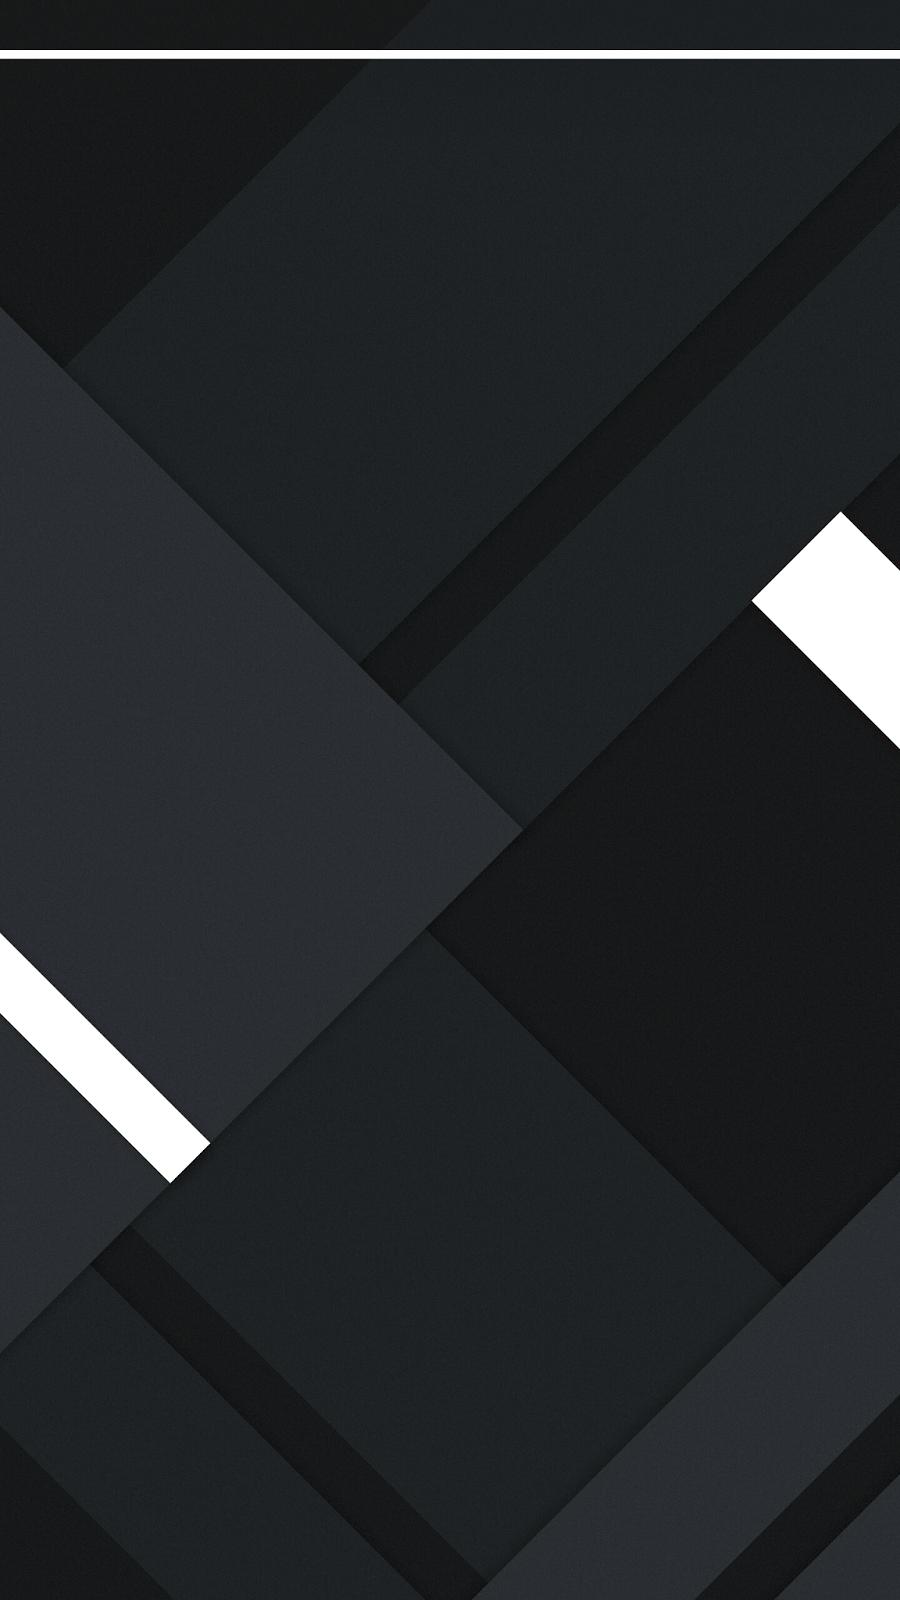 Dark Minimal Wallpaper luvnote2 HD Wallpaper in 2019